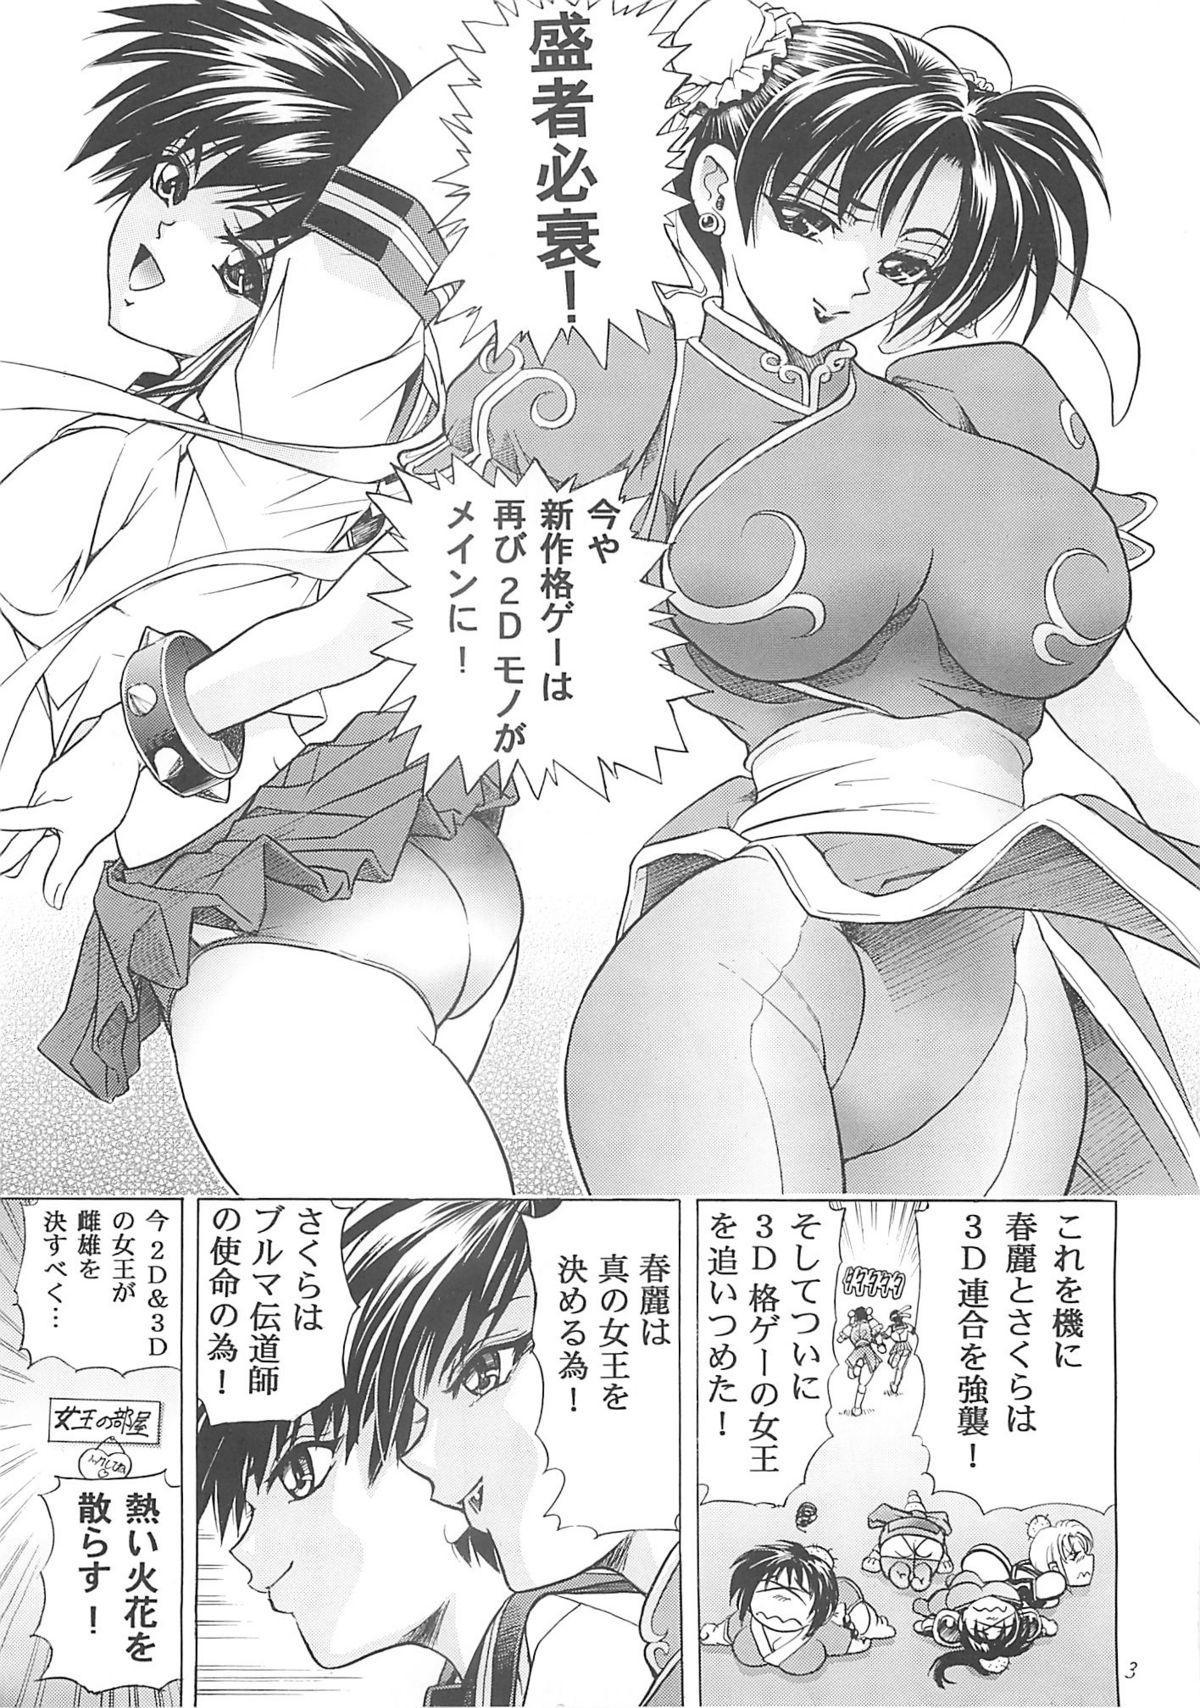 (C65) [Kawaraya Honpo (Kawaraya A-ta)] Hana - Maki no Nana - Hibana (Dead or Alive, Final Fantasy VII, Street Fighter) 1